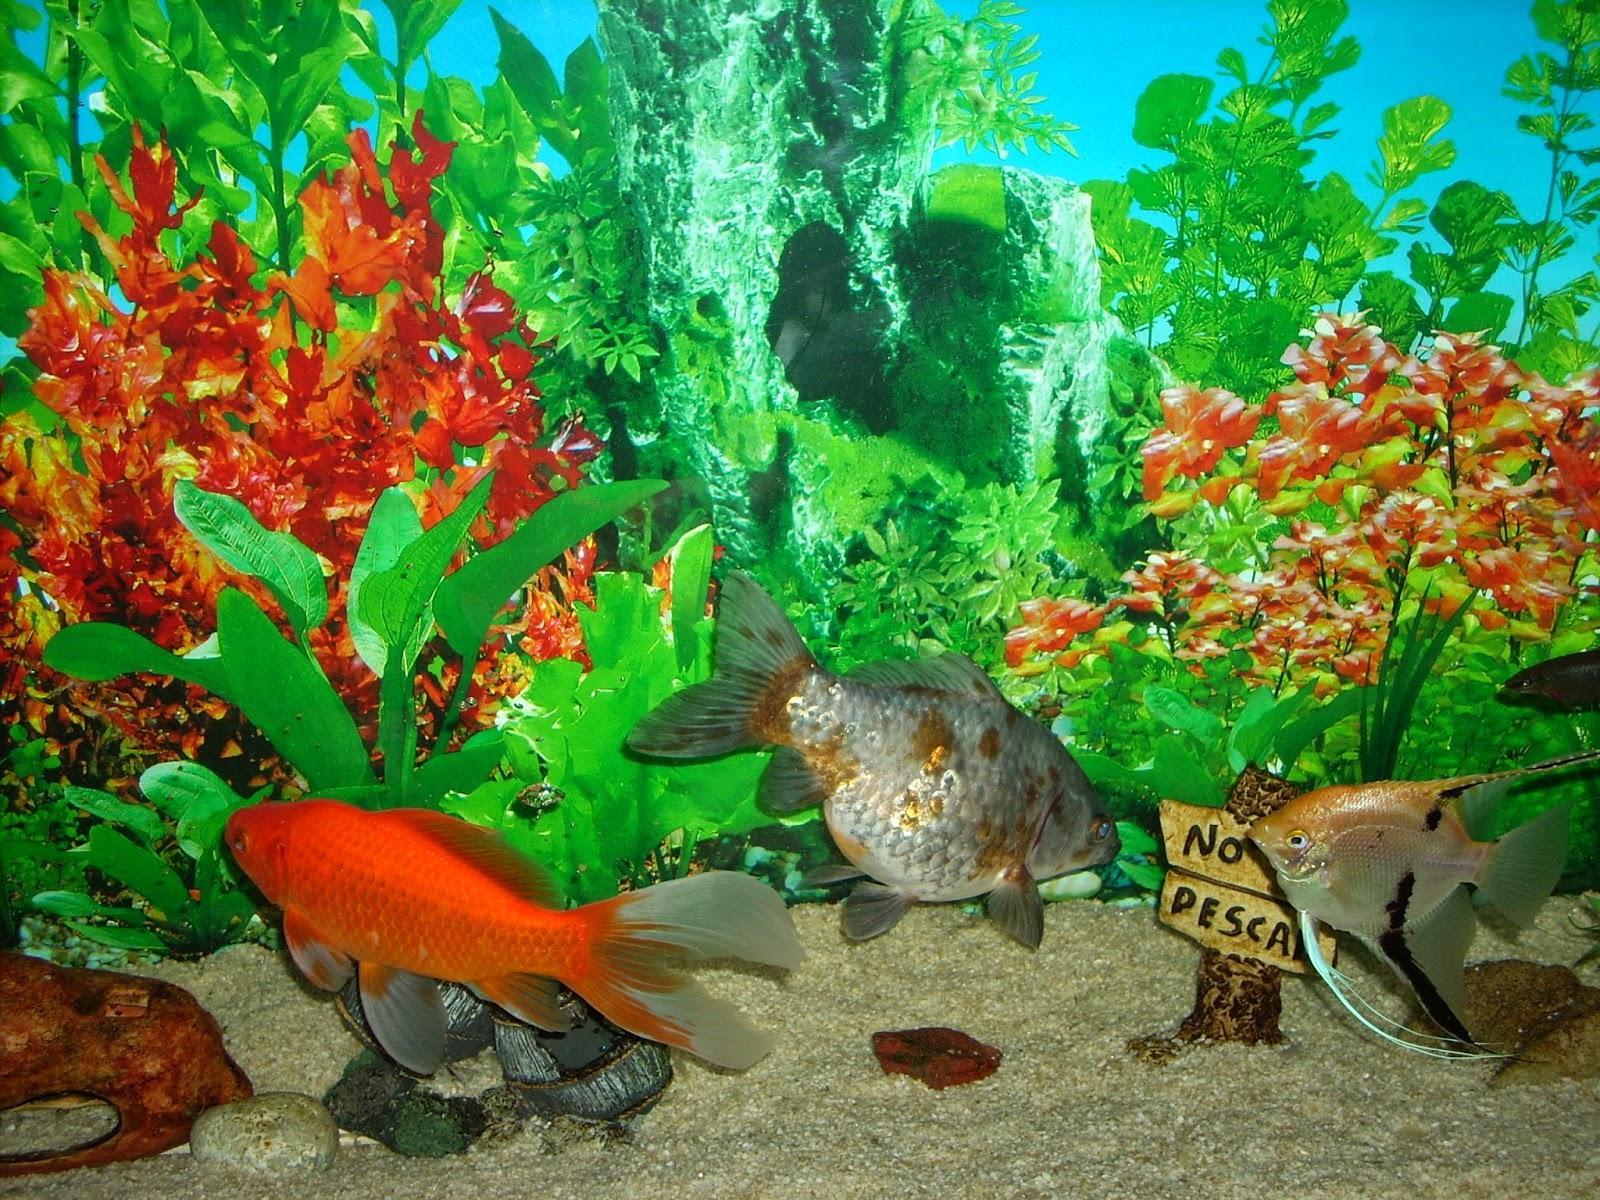 Acuarios decorpez abril 2014 for Peces artificiales para acuarios